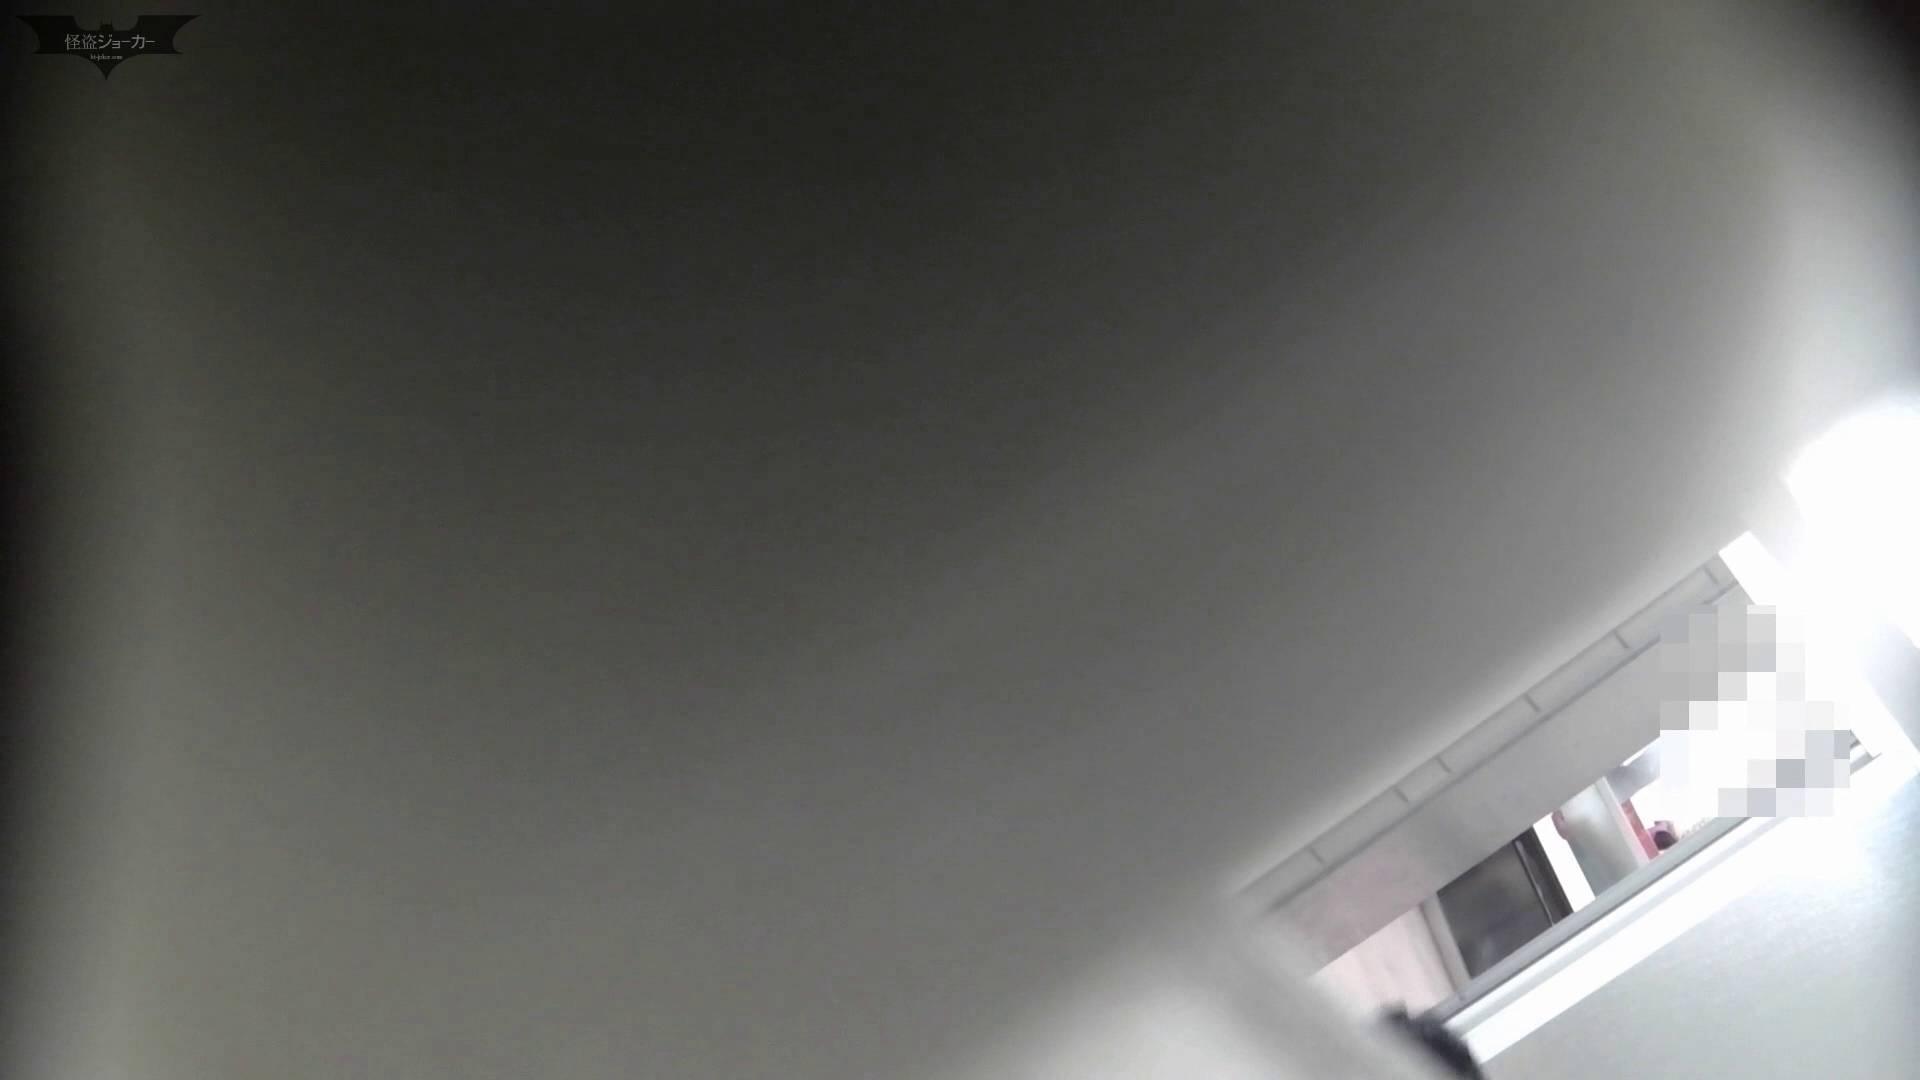 洗面所特攻隊 vol.66 珍事件発生!! 「指」で出【2015・05位】 ギャル達 スケベ動画紹介 80枚 56